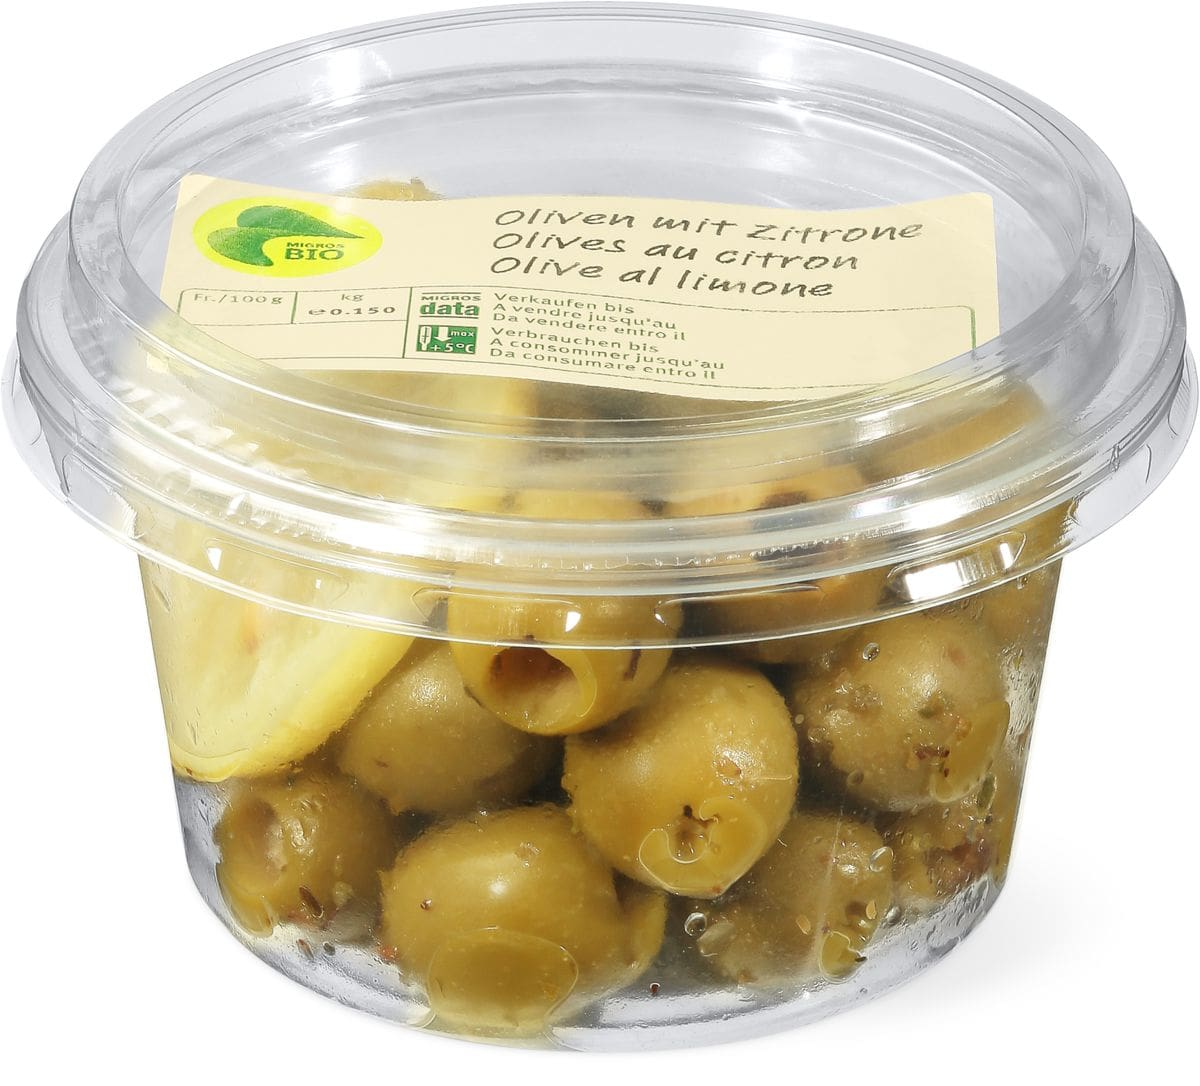 Bio Oliven mit Zitrone